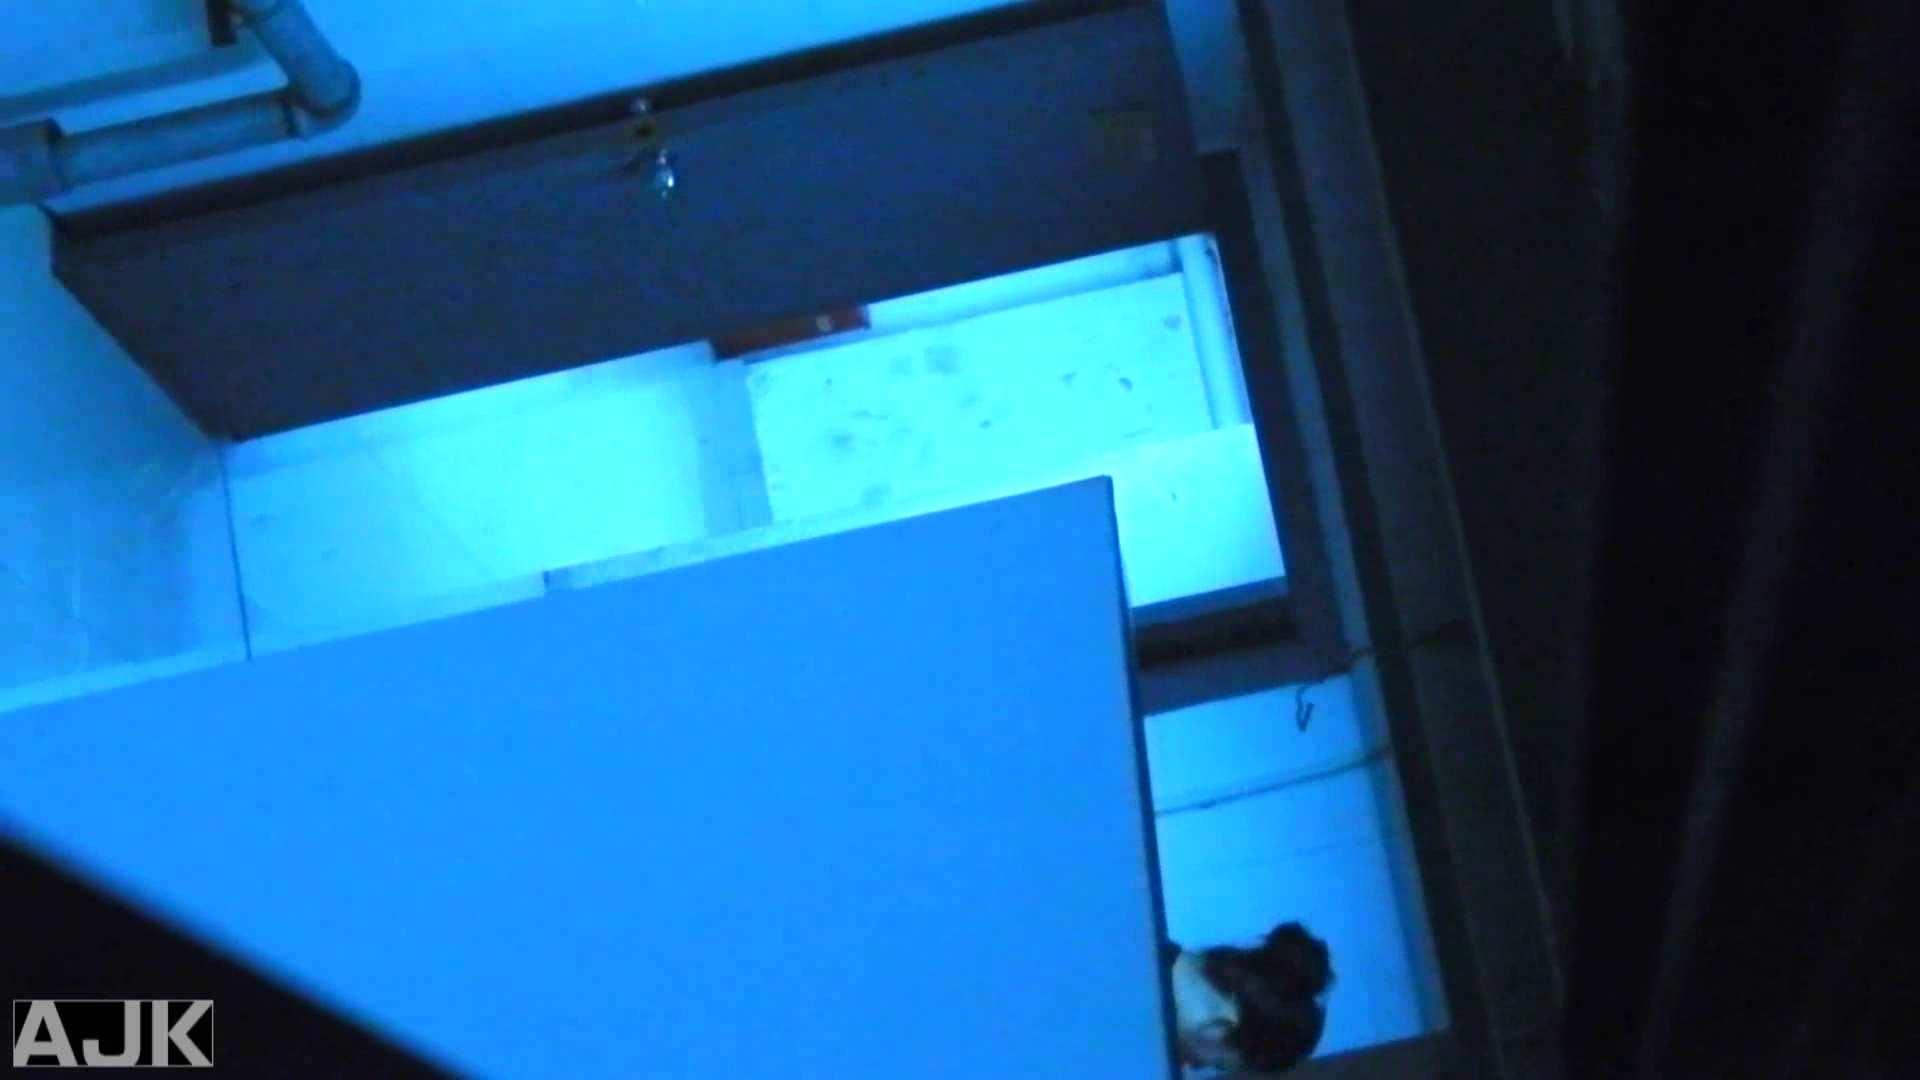 神降臨!史上最強の潜入かわや! vol.23 美女エロ画像 ワレメ動画紹介 78PICs 61